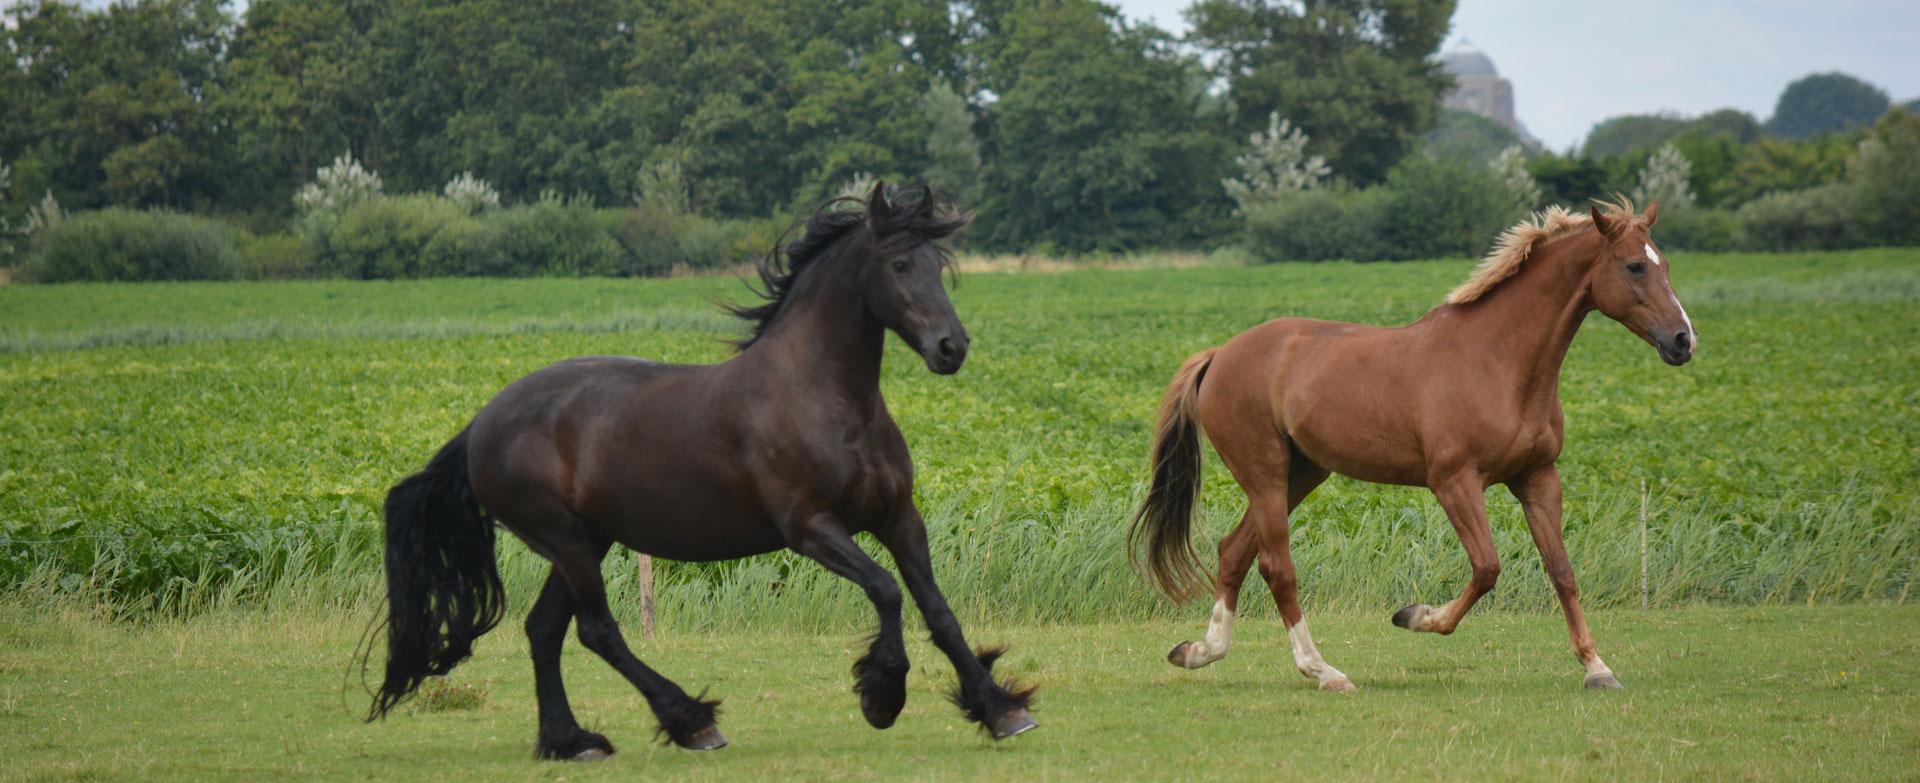 Paardenkracht naar EigenKracht